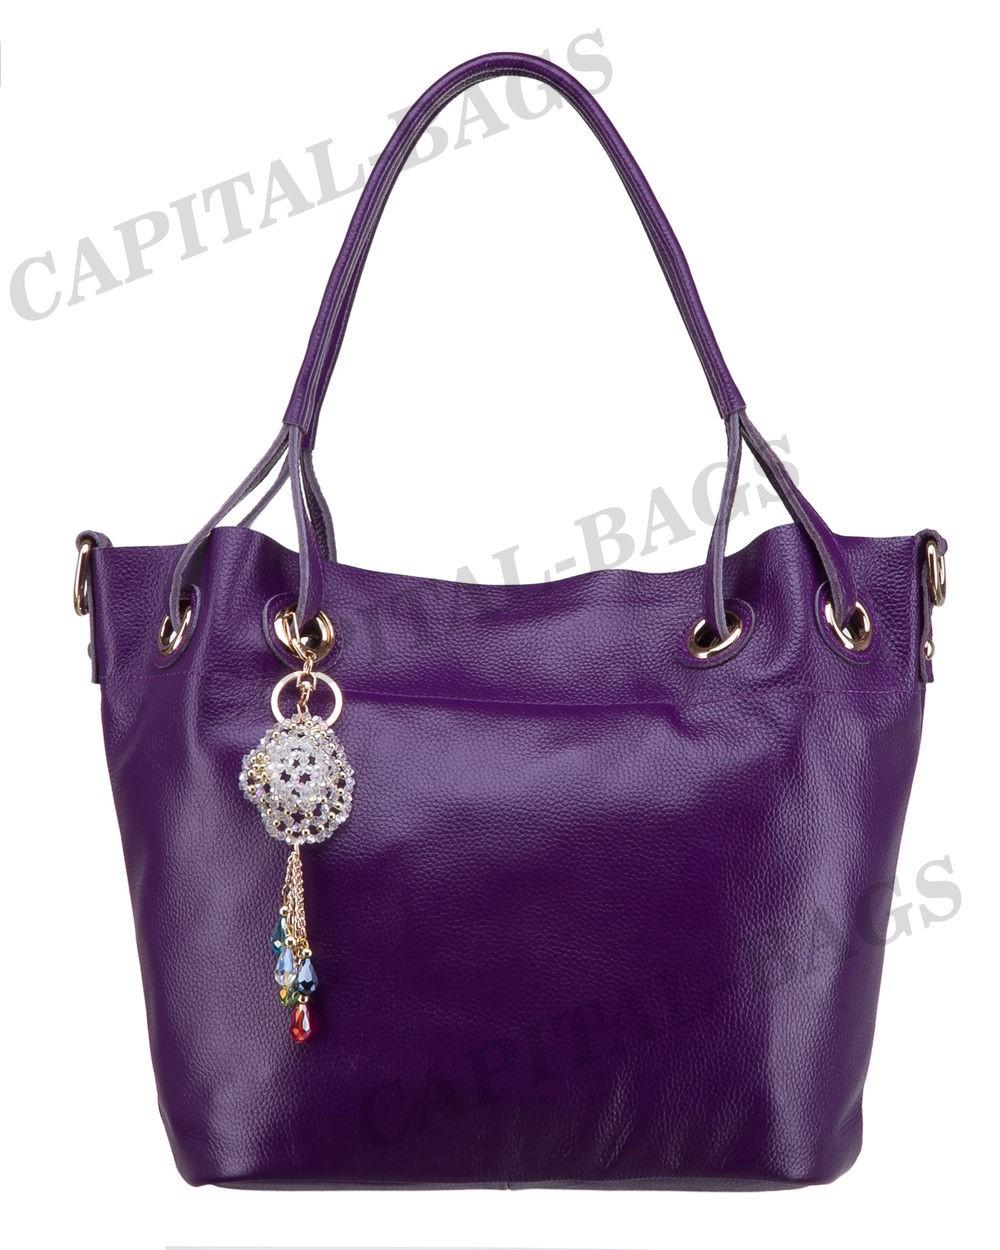 Сбор заказов. Мега-огромный выбор сумок, рюкзаков, кошельков! Найдется все - на любой вкус, цвет, форму и размер! Кожаные сумочки от 1900 руб. 28 выкуп.